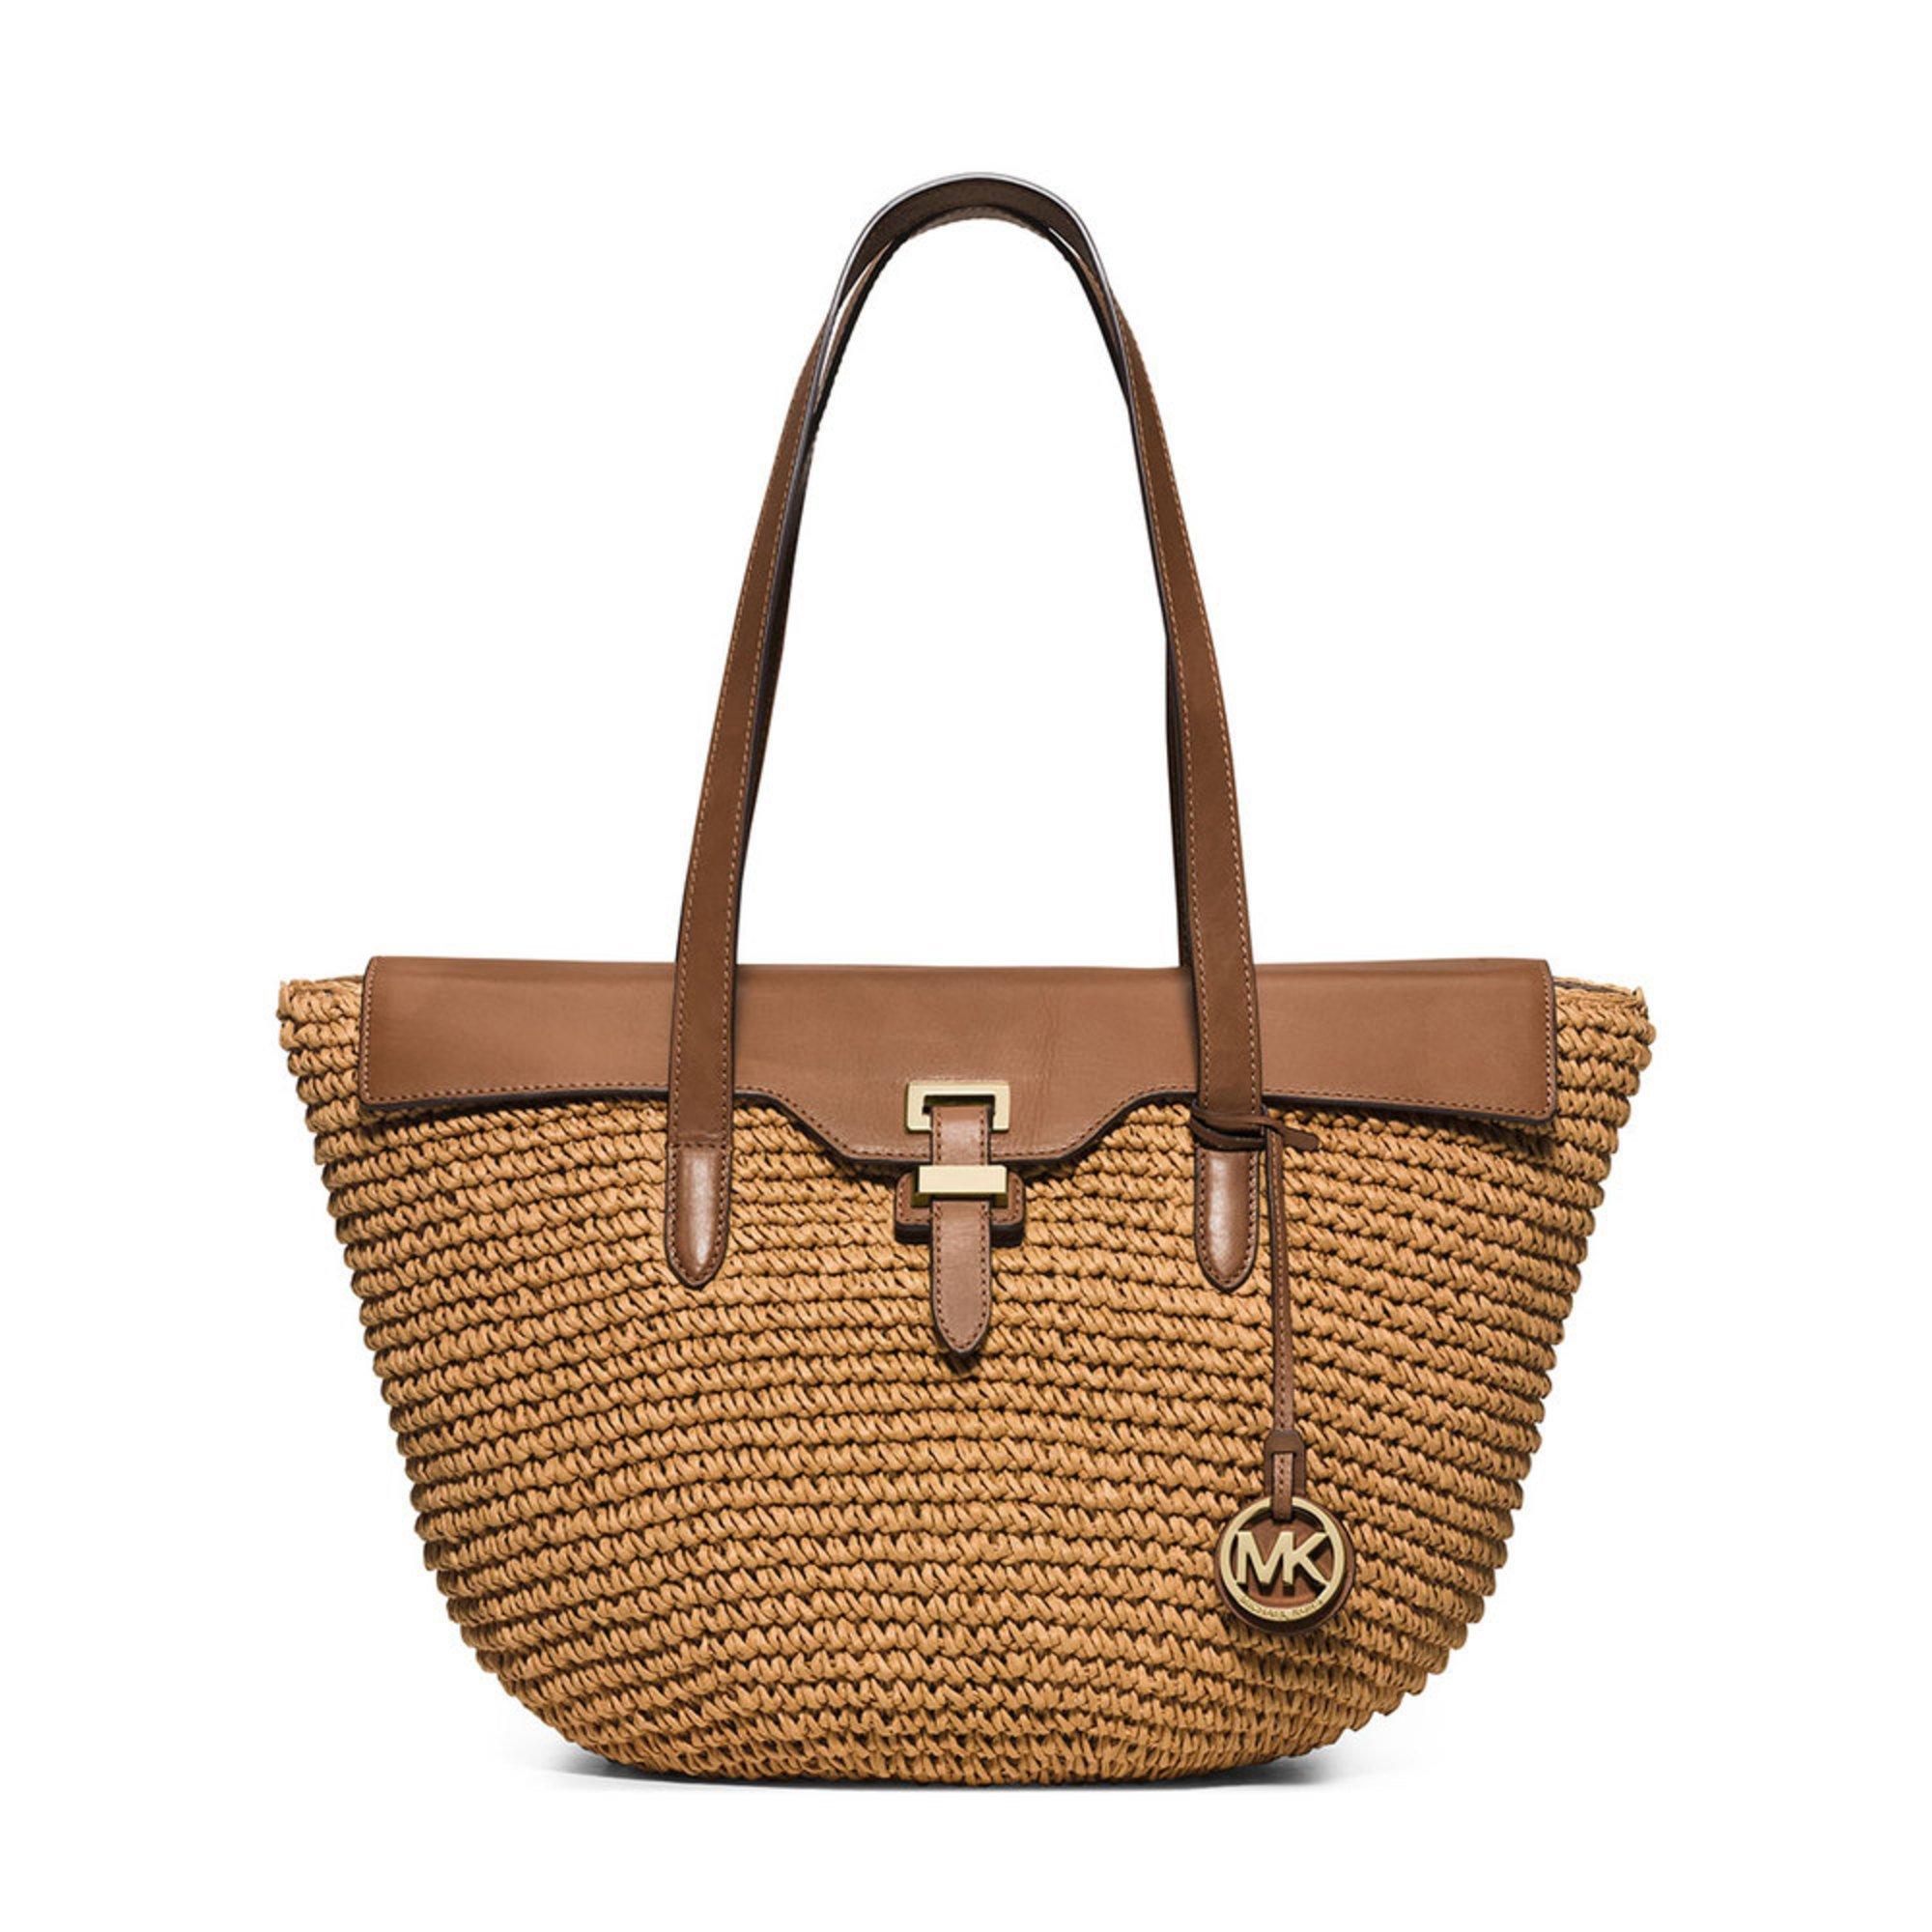 Image Result For Leather Handbag Sale